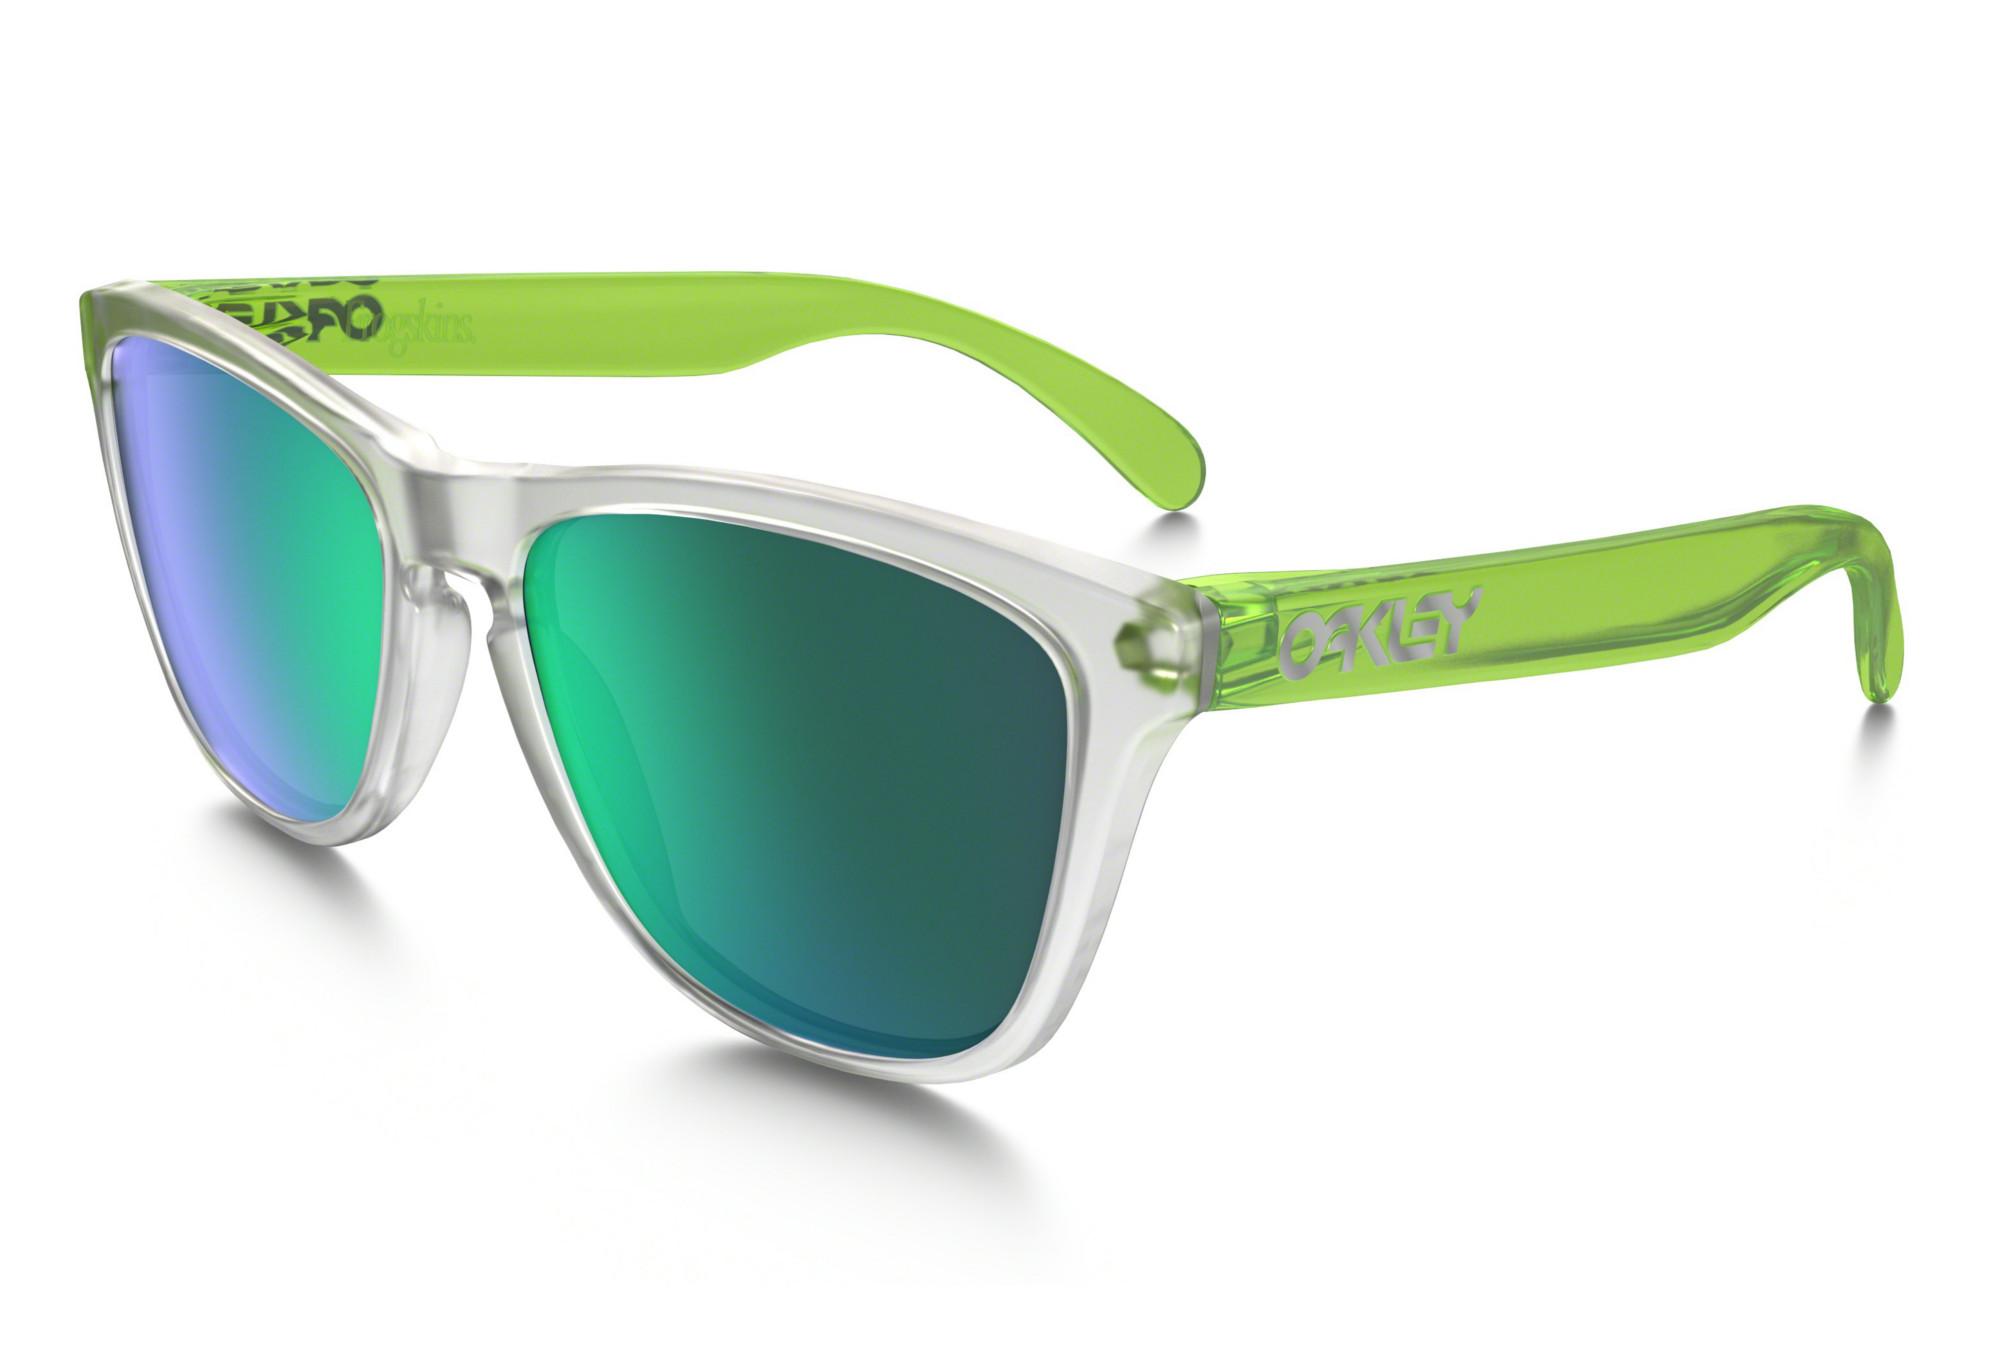 d62bfcc4472 Gafas Oakley Frogskins clear green green Iridium   Miroir OO9013-B455